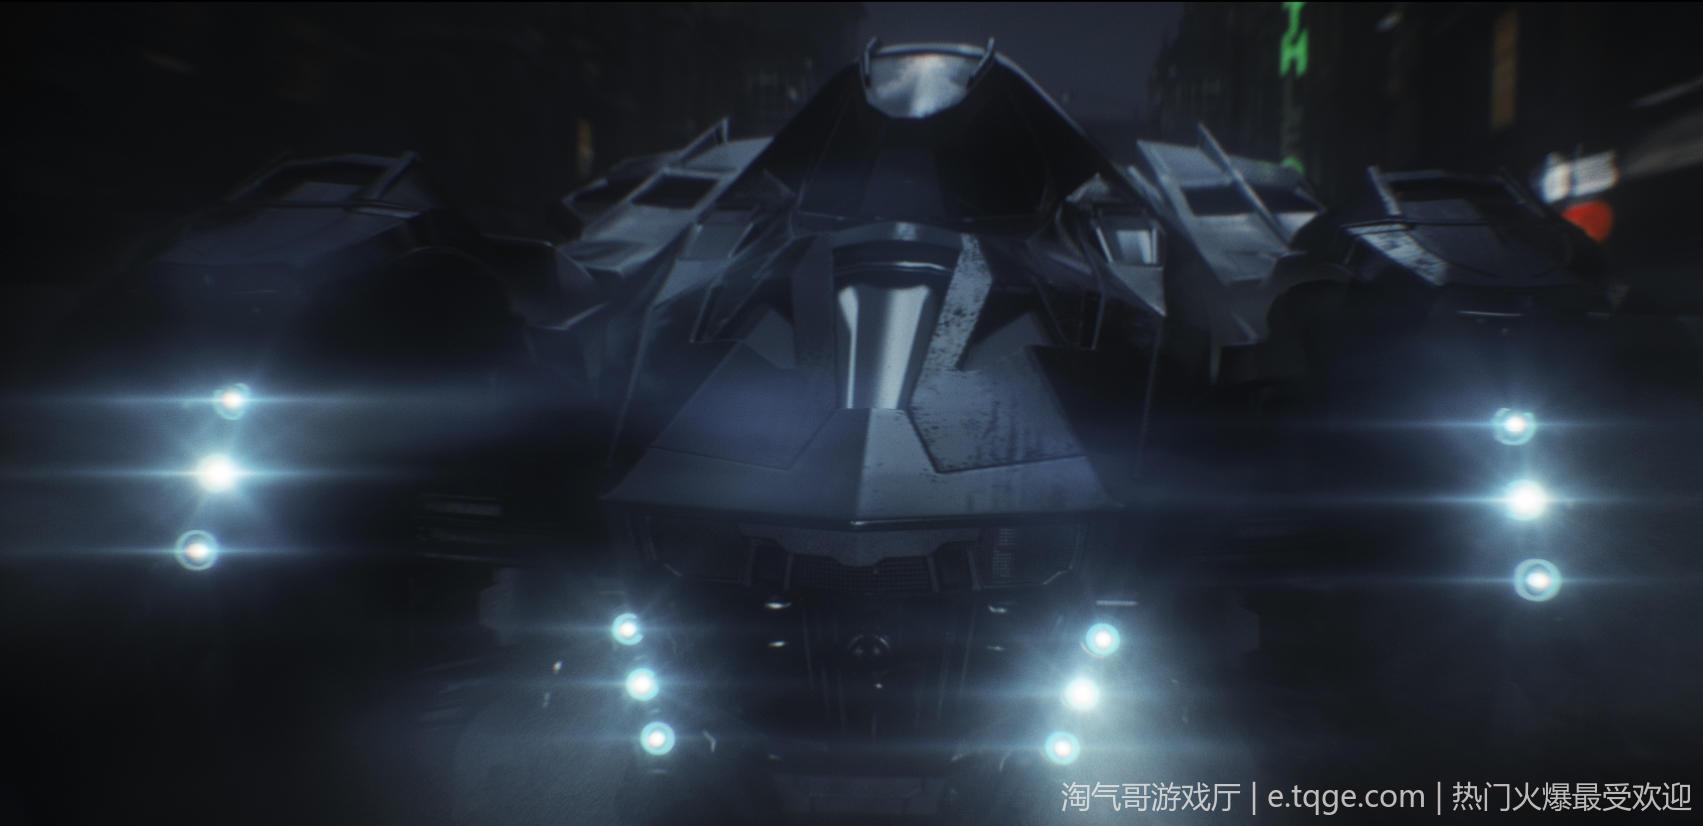 蝙蝠侠:阿卡姆骑士/阿甘骑士 全DLC版 动作冒险 第9张